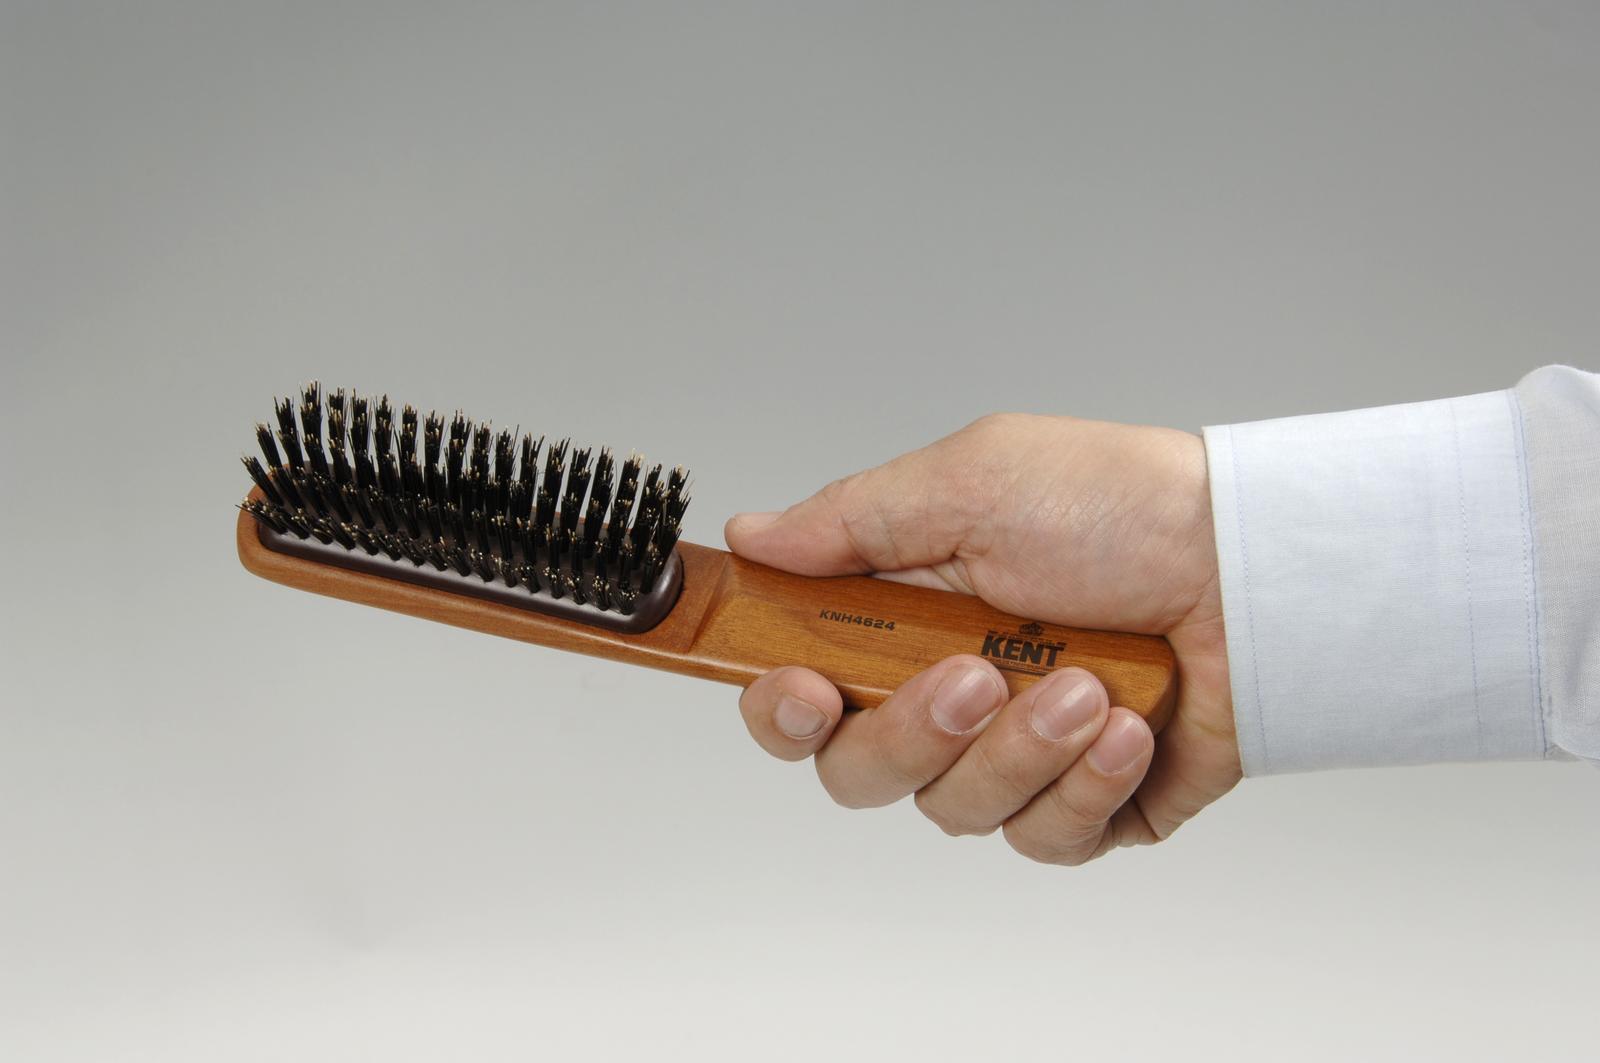 KENTケント の豚毛ヘアーブラシは髪にツヤを出し 地肌にマサージ効果あり ヘアーブラシ ケント KENT 豚毛のヘアーブラシ 正規品スーパーSALE×店内全品キャンペーン ふつう 大 高い素材 男性用 KNH-4624a Hair 優れものA brush